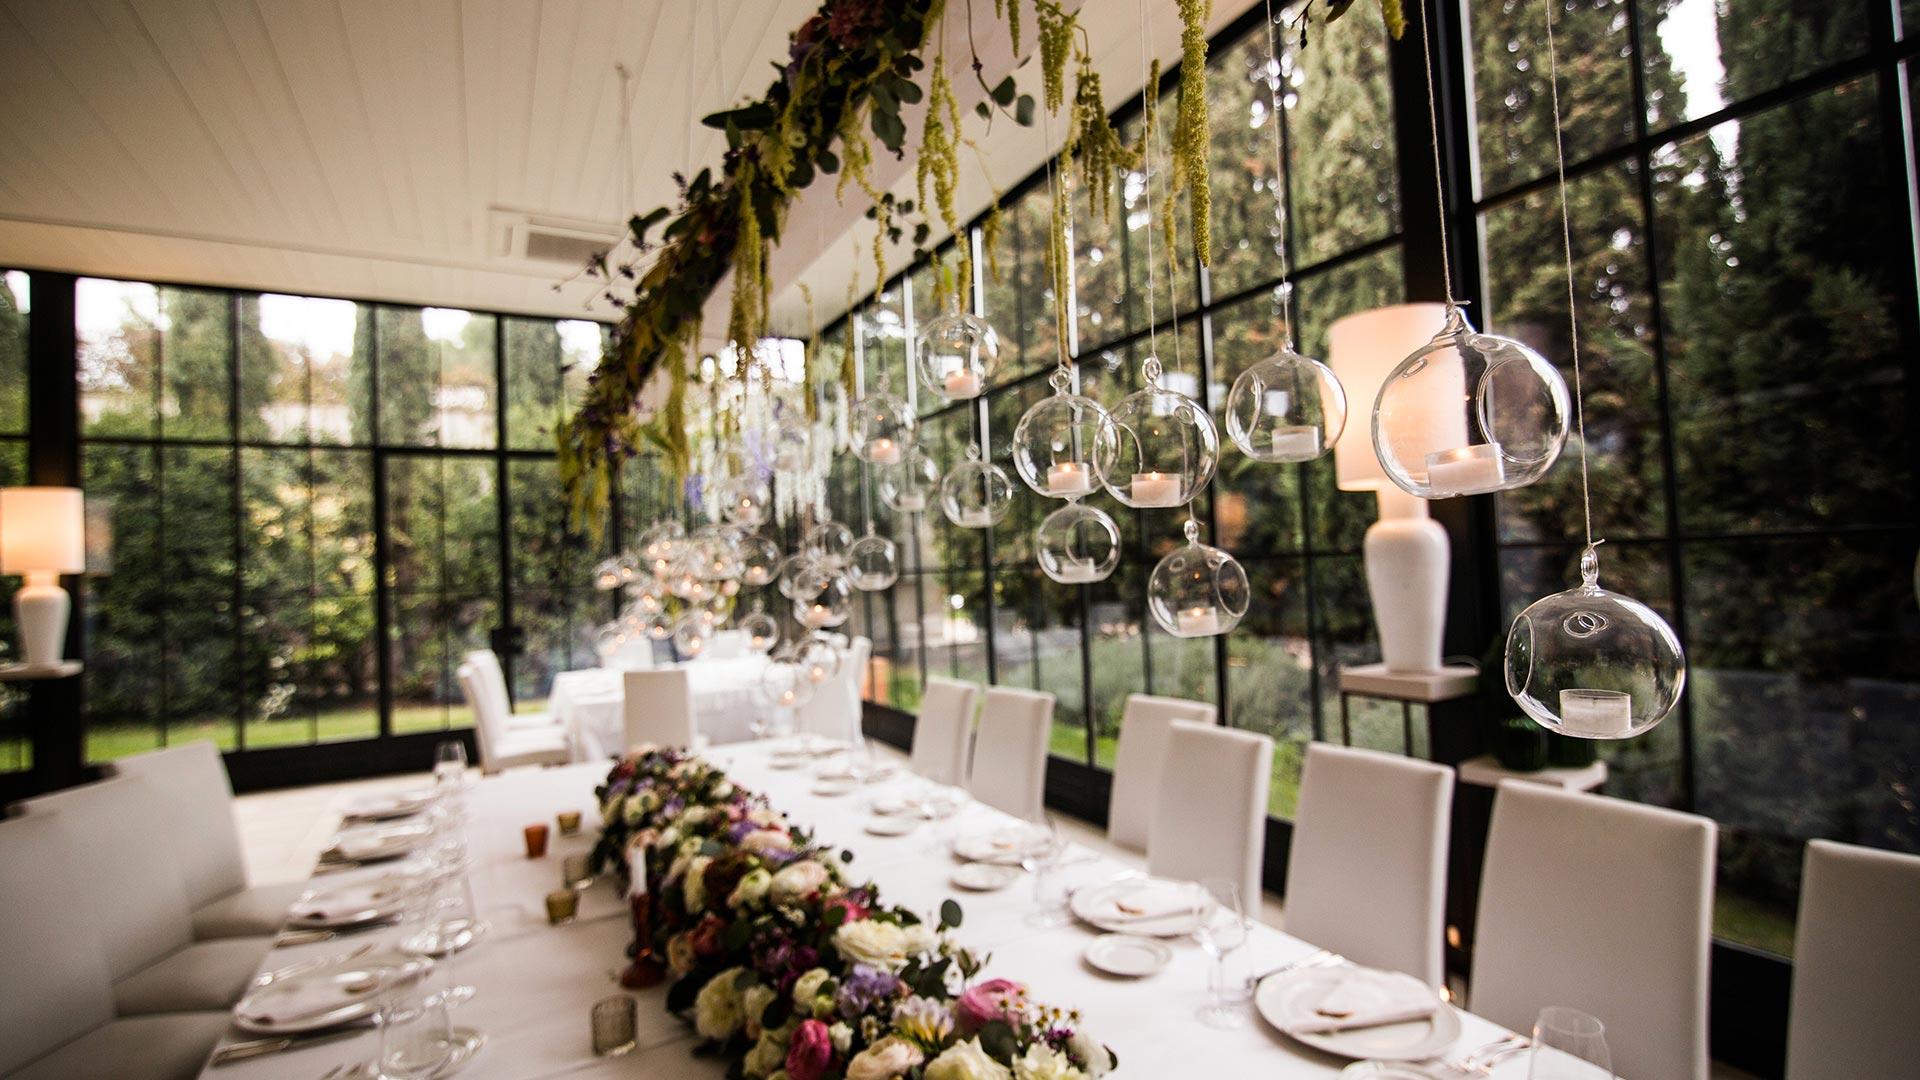 matrimonio autunnale tavola imperiale